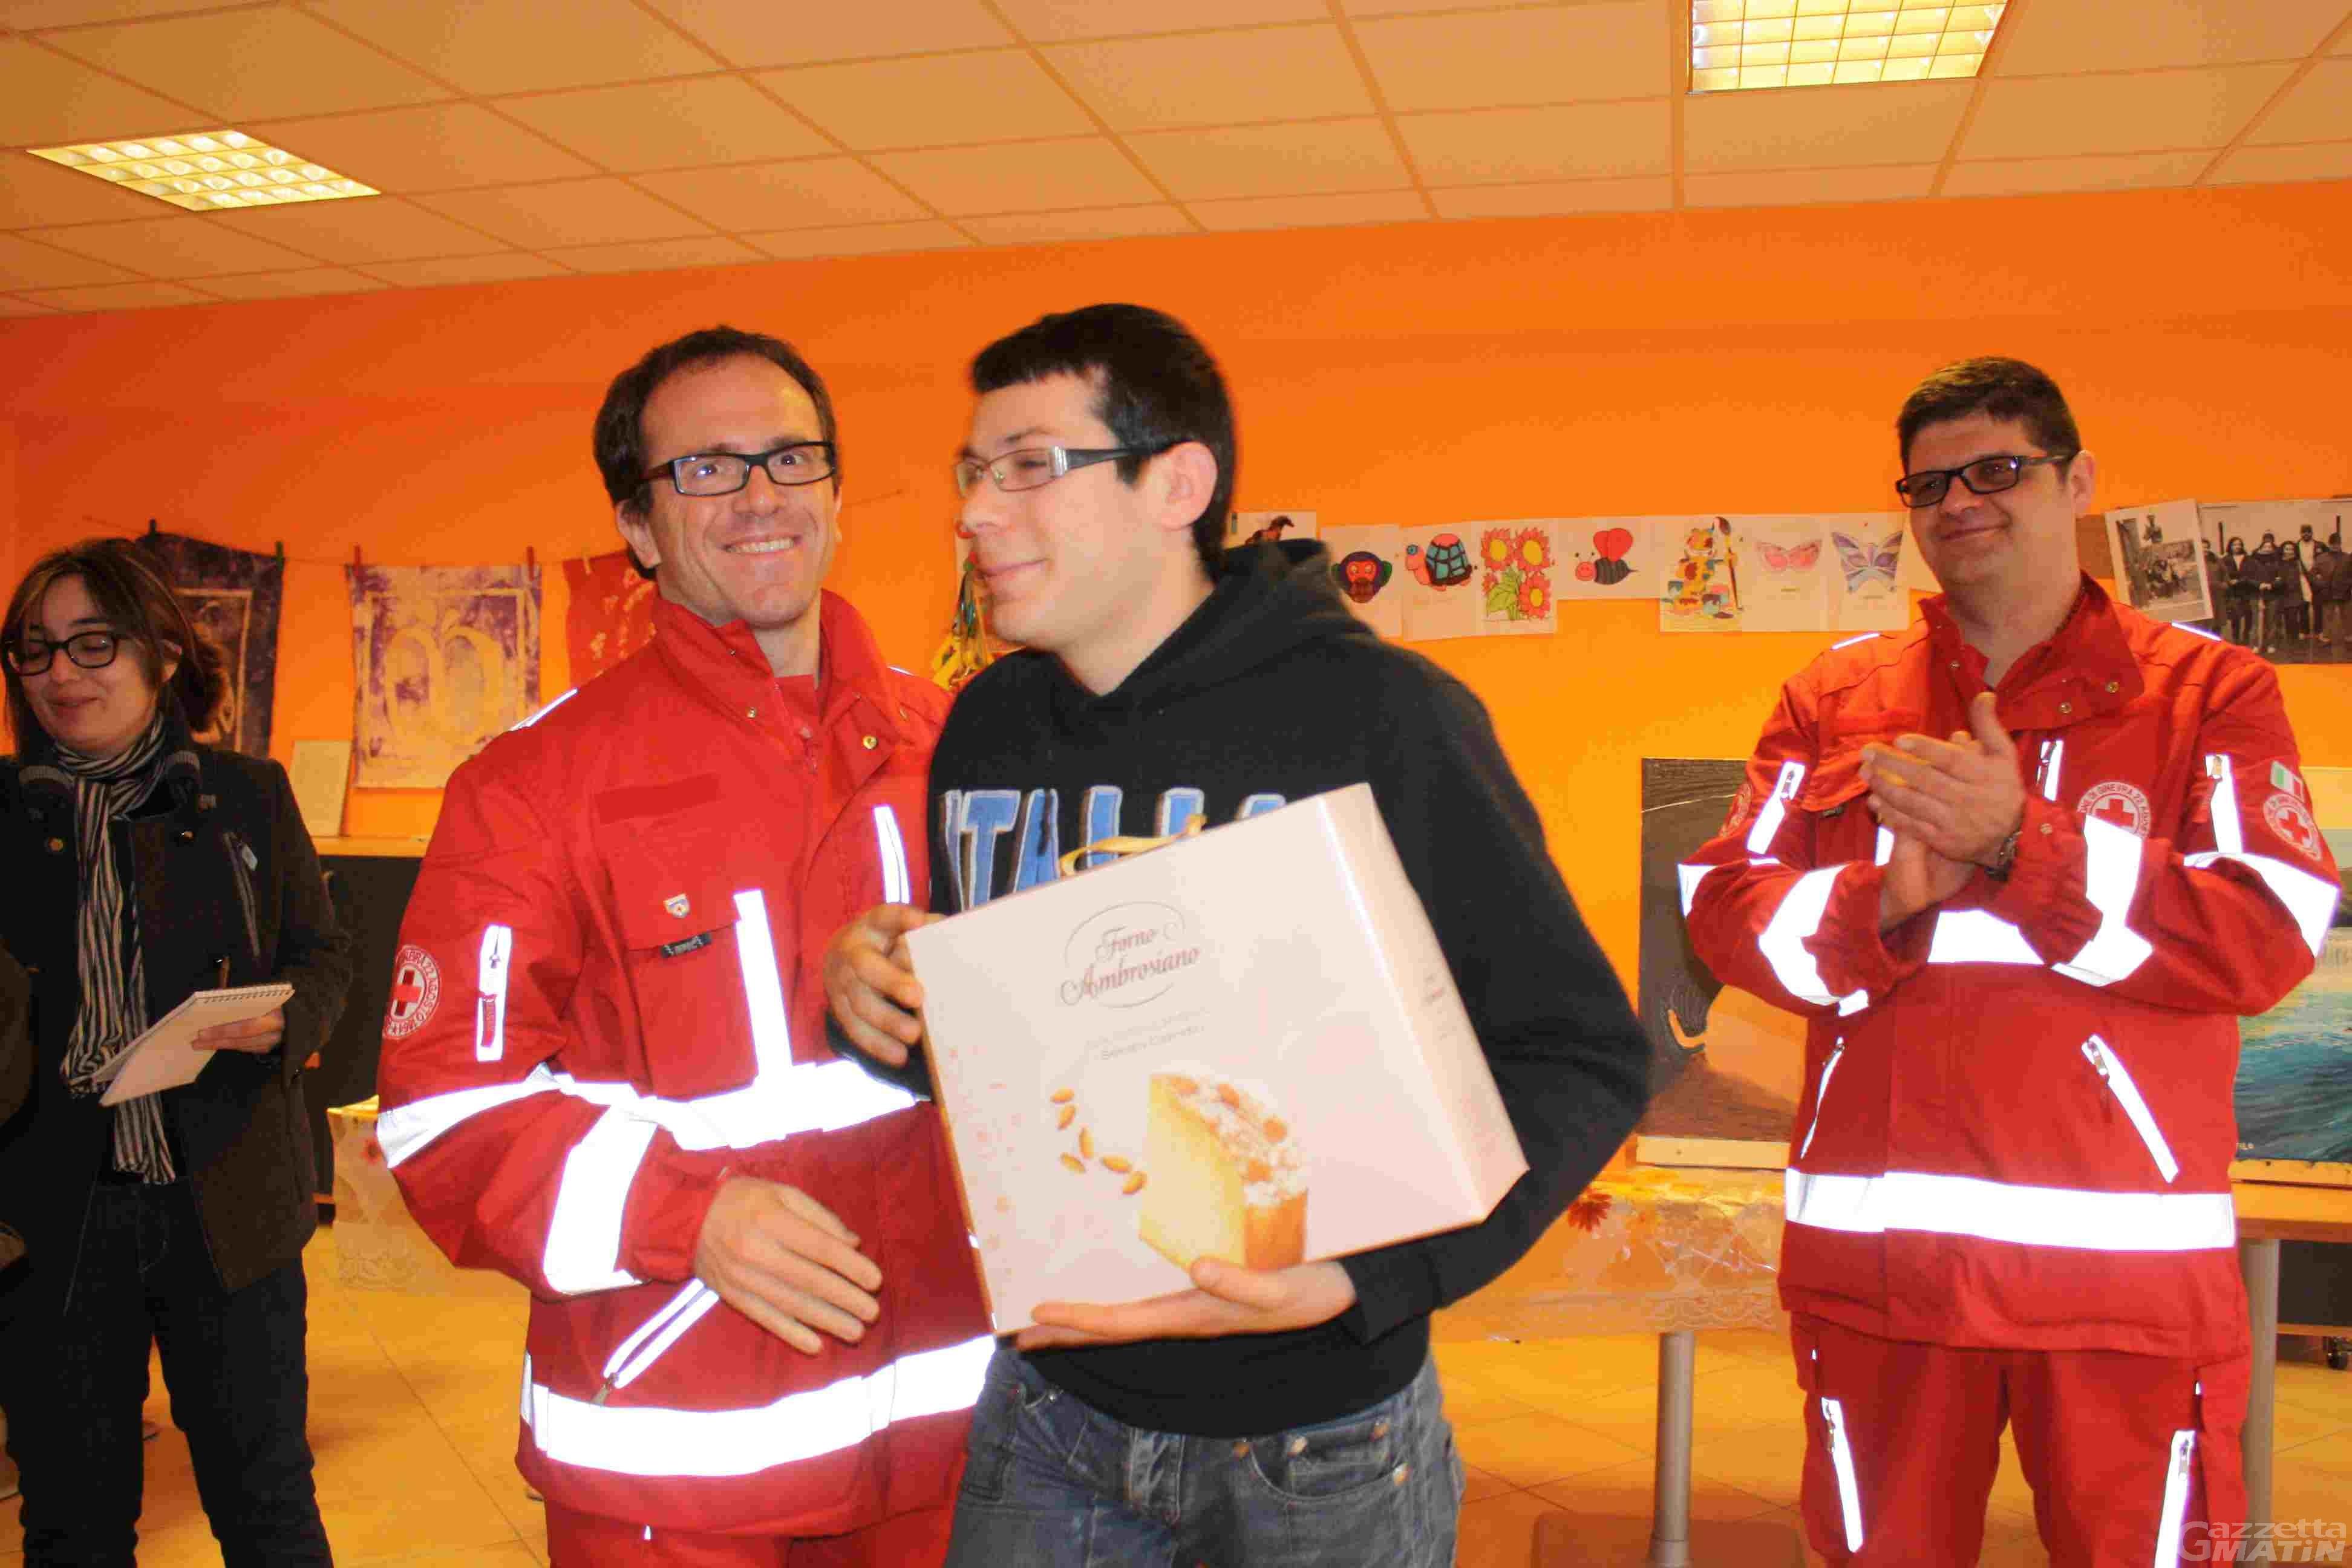 Prevenzione e solidarietà: oggi è la festa della Croce Rossa